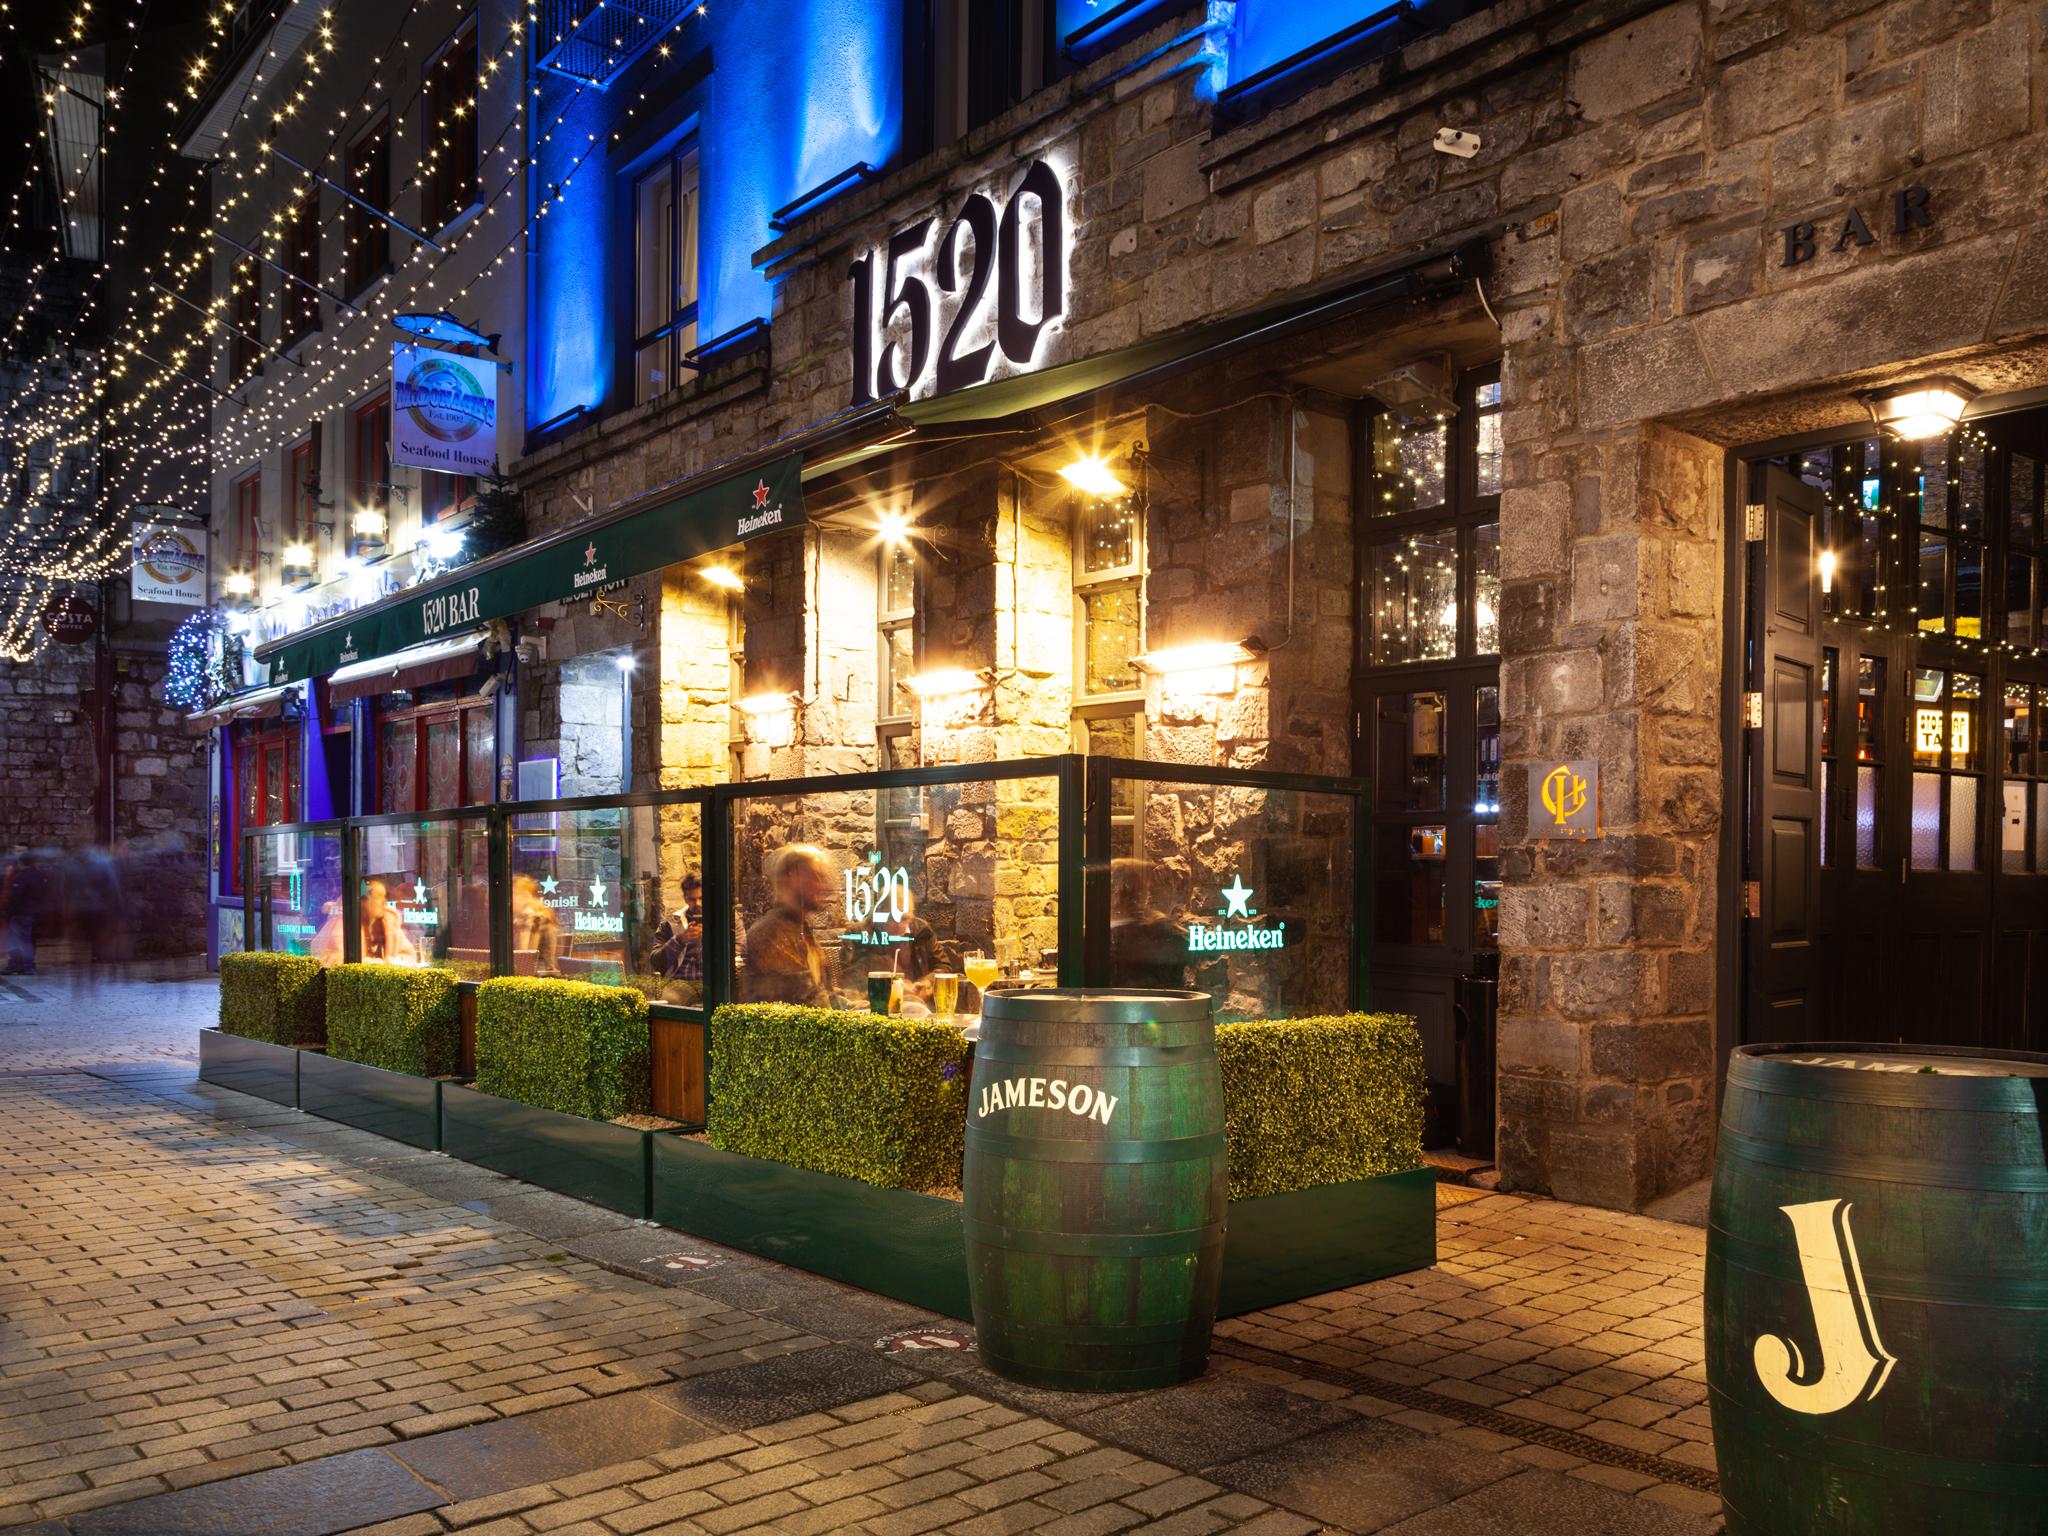 exterior of 1520 bar